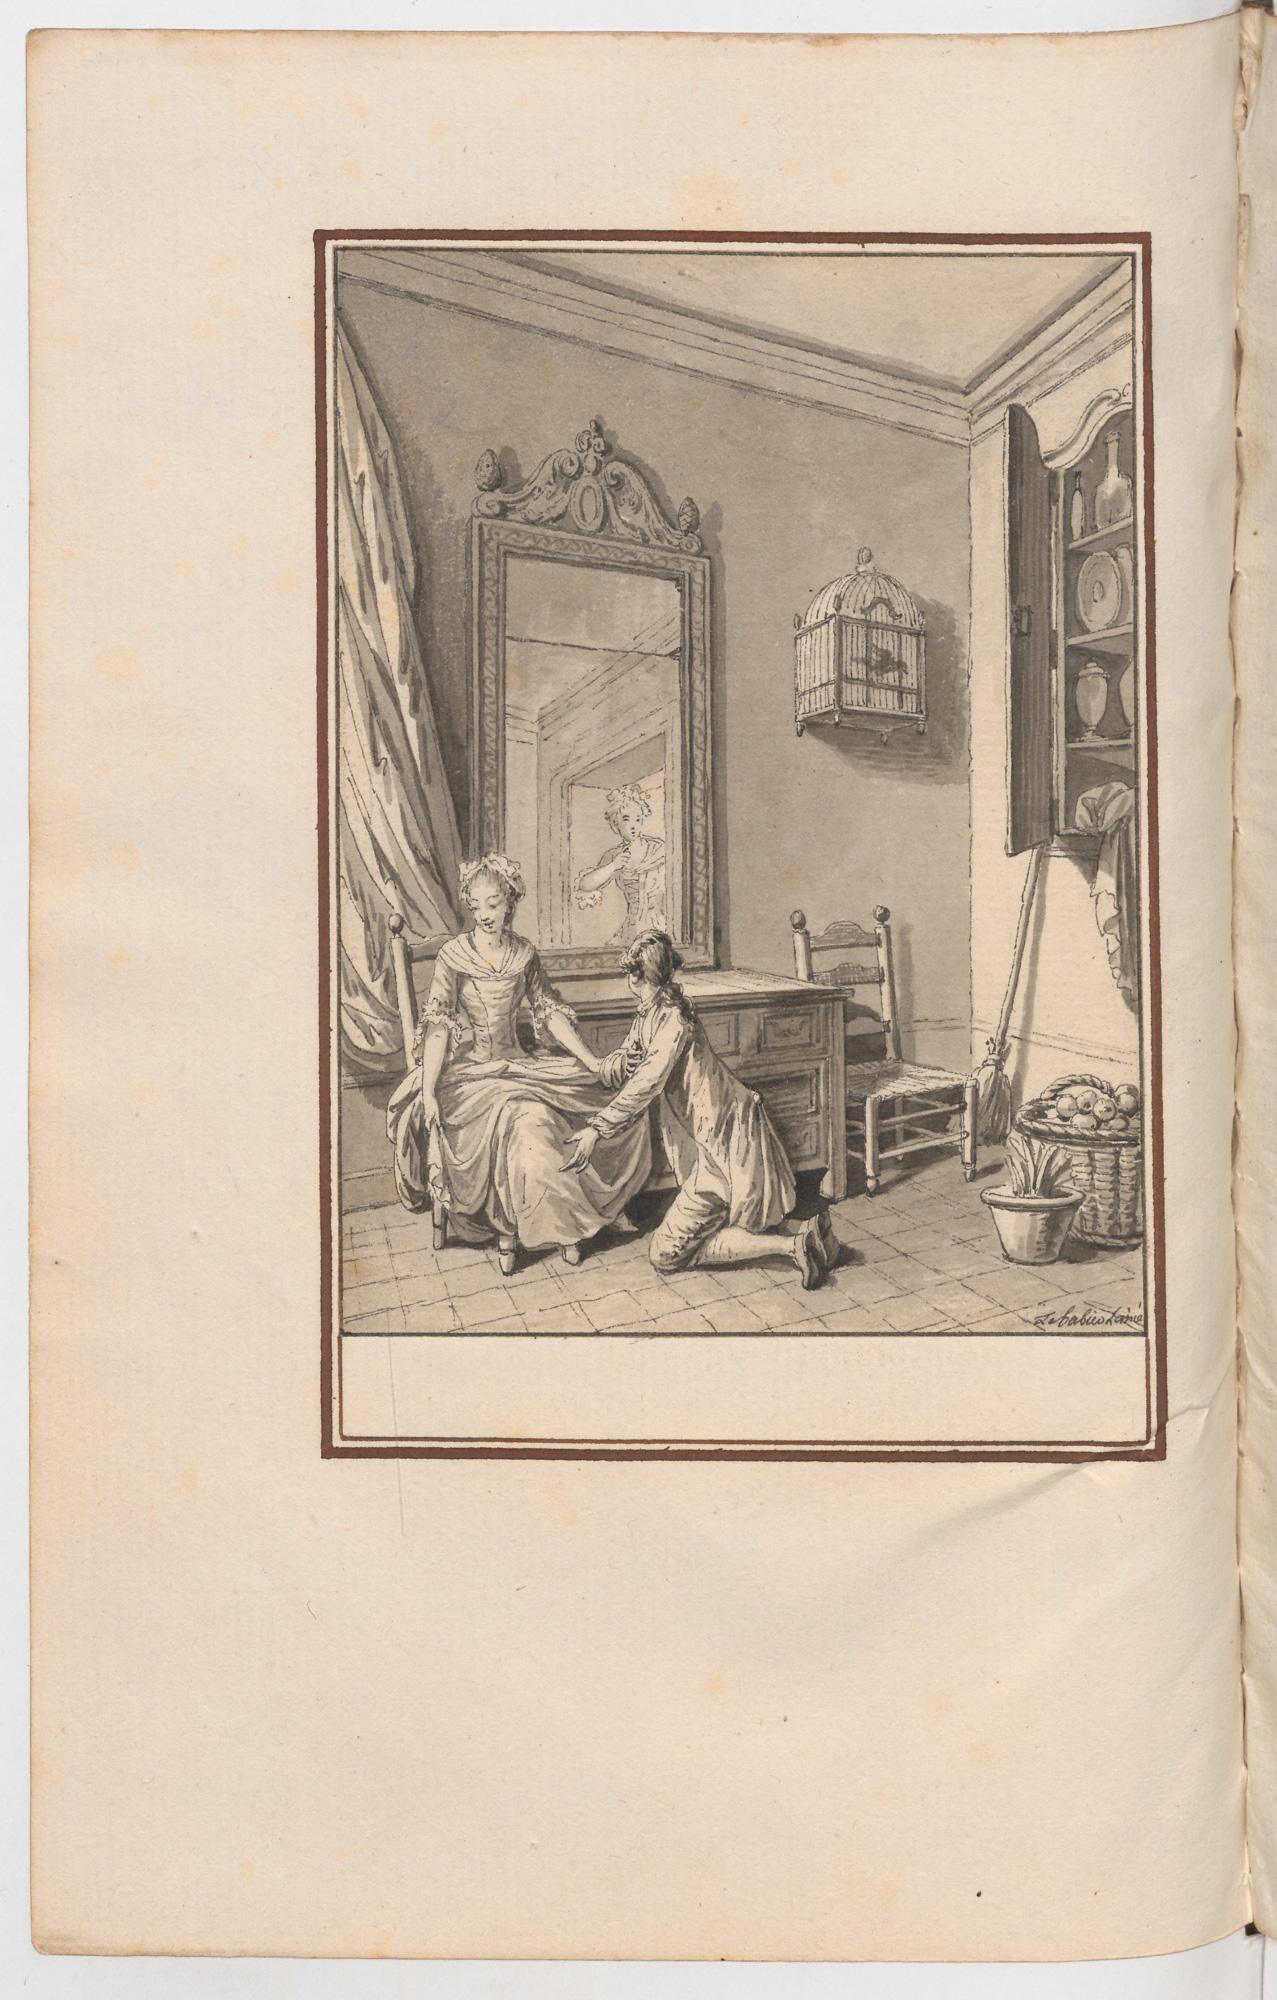 S.4.10 Les effets du bonheur, Chantilly, Image